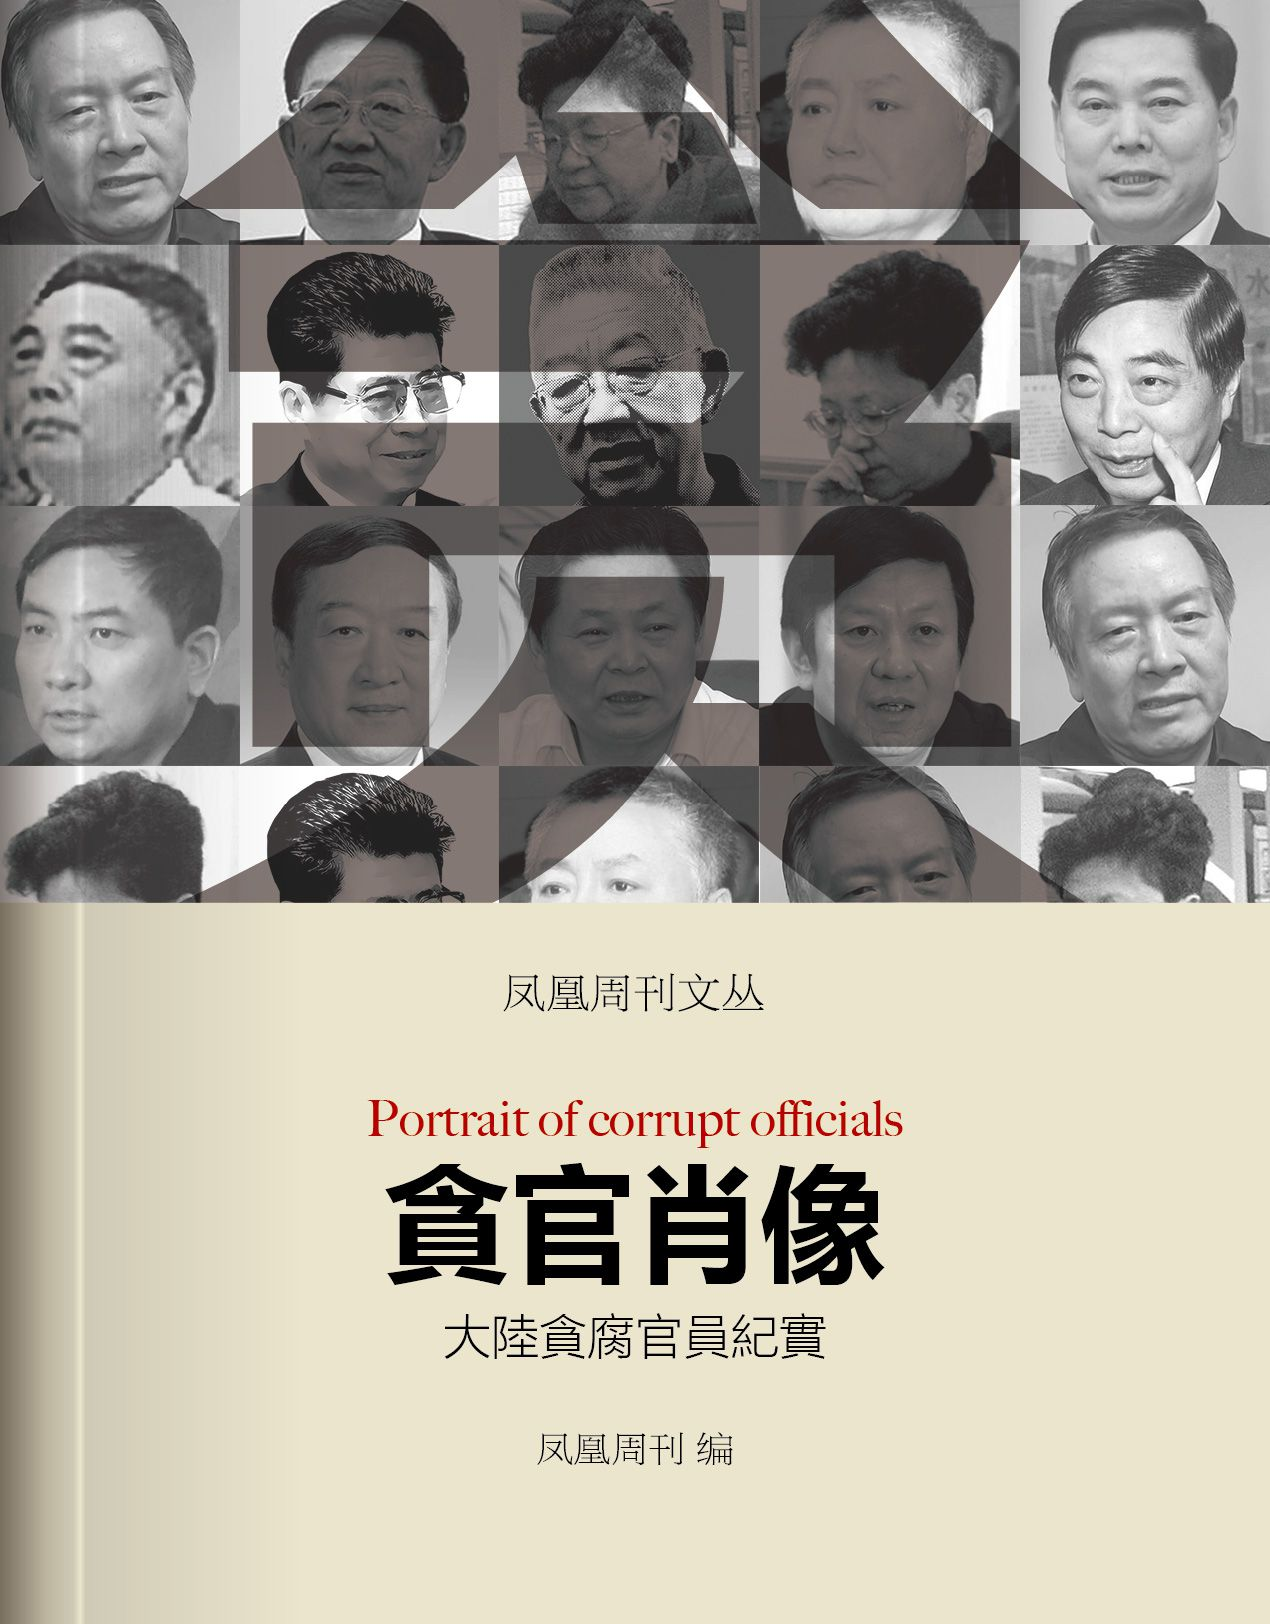 贪官肖像:大陆贪腐官员纪实 香港凤凰周刊文丛系列